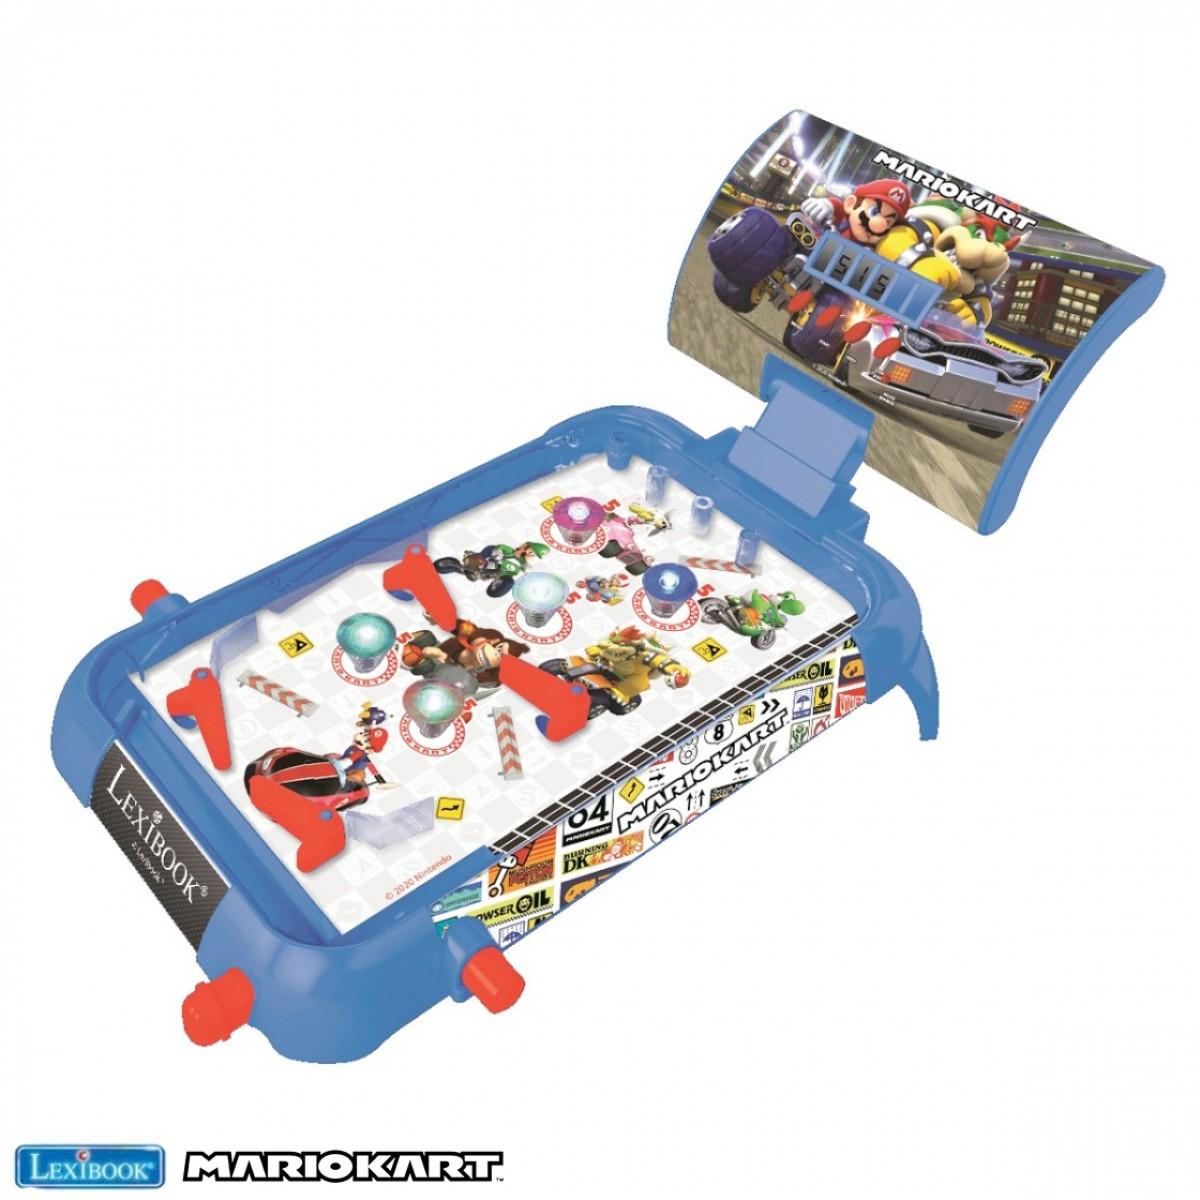 Mario Kart Máquina electrónica de pinball de mesa, juego de acción y reflejo para niños y familias